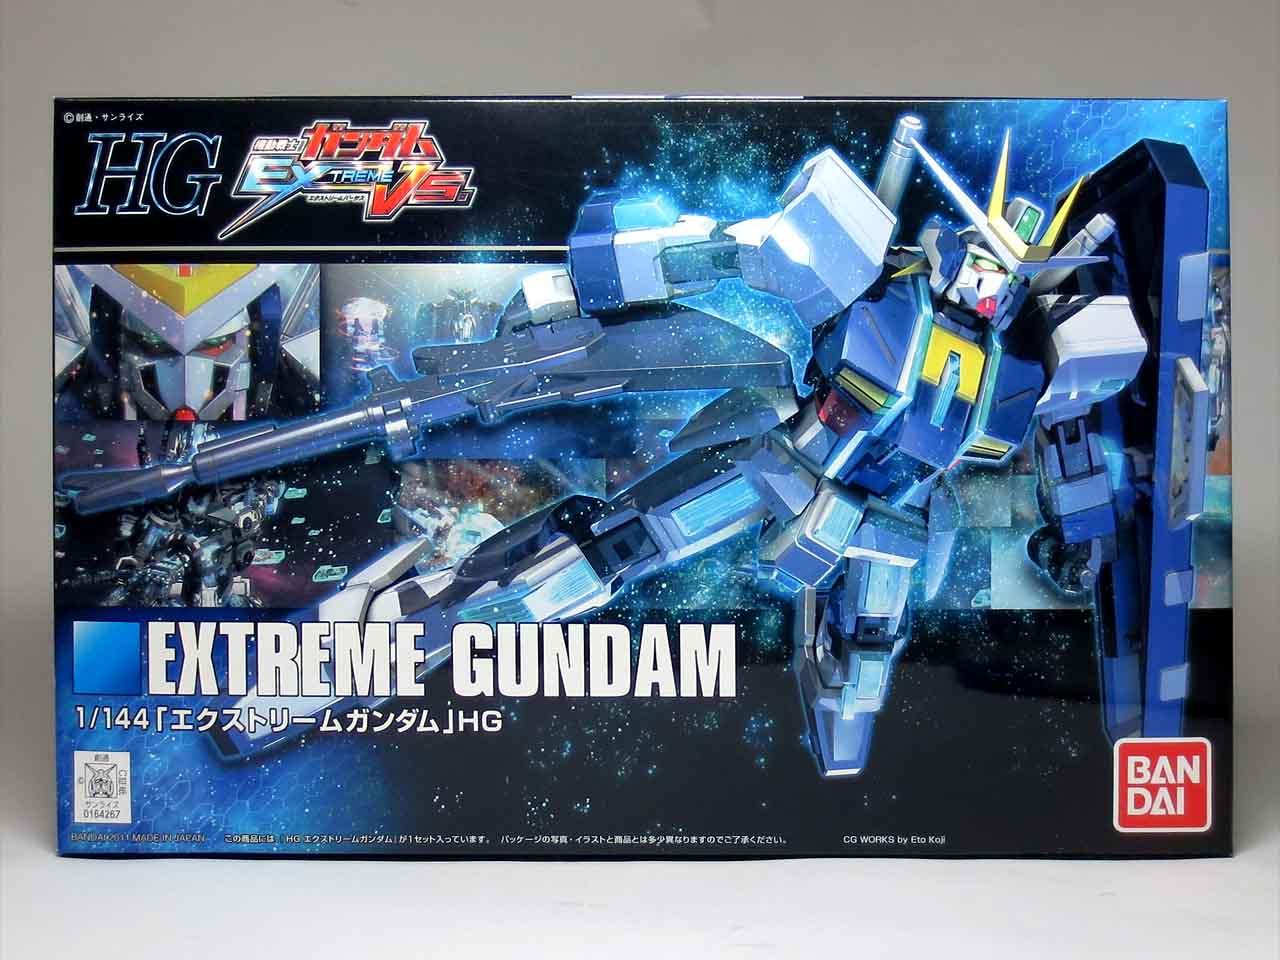 HG_Extreme_gundam_02.jpg